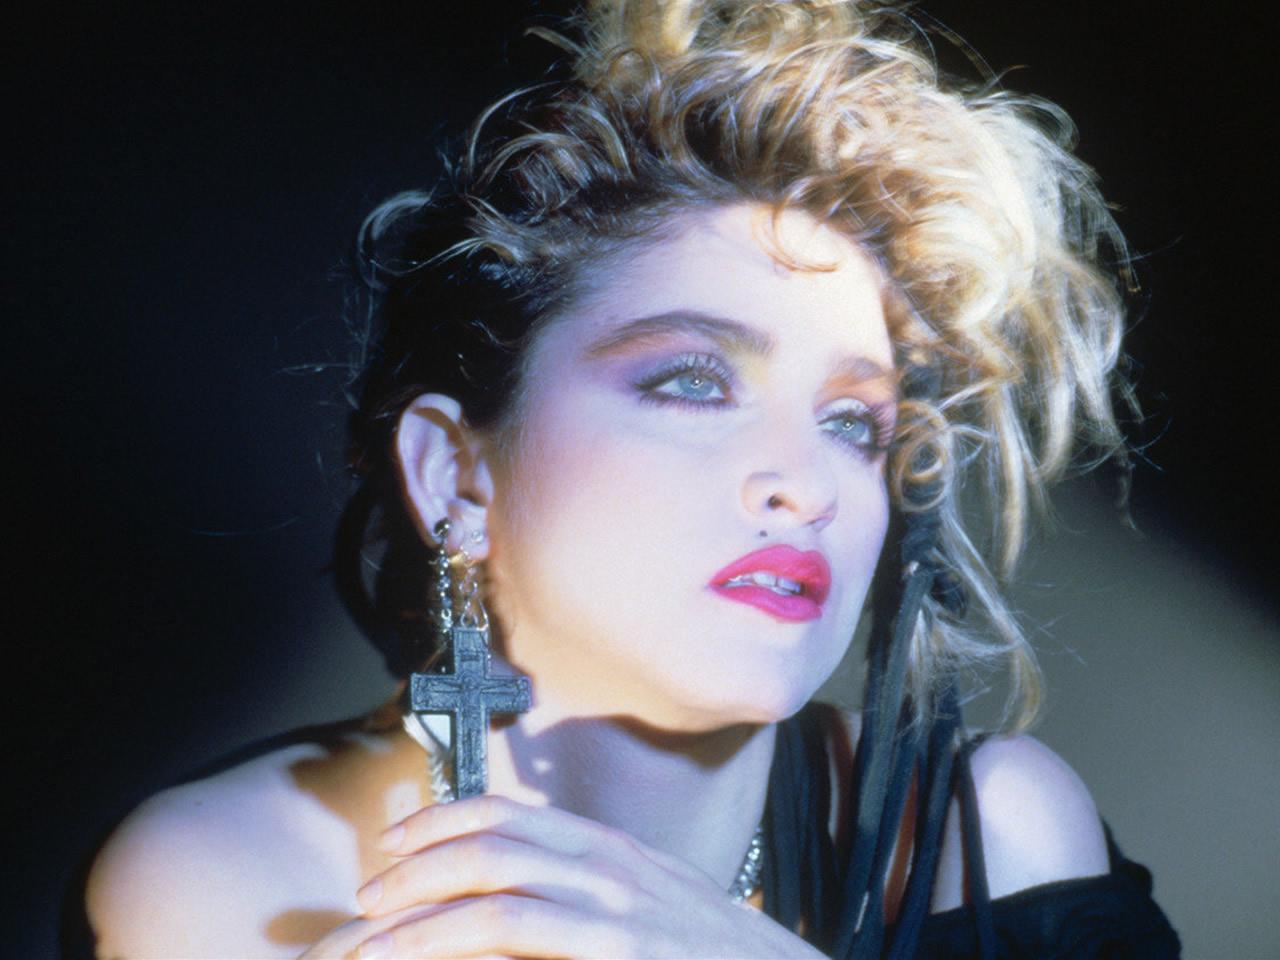 http://3.bp.blogspot.com/-pZr4CqMpy1A/TaDGGj2vVbI/AAAAAAAACgc/CErWXmn1yxE/s1600/Madonna+80.jpg